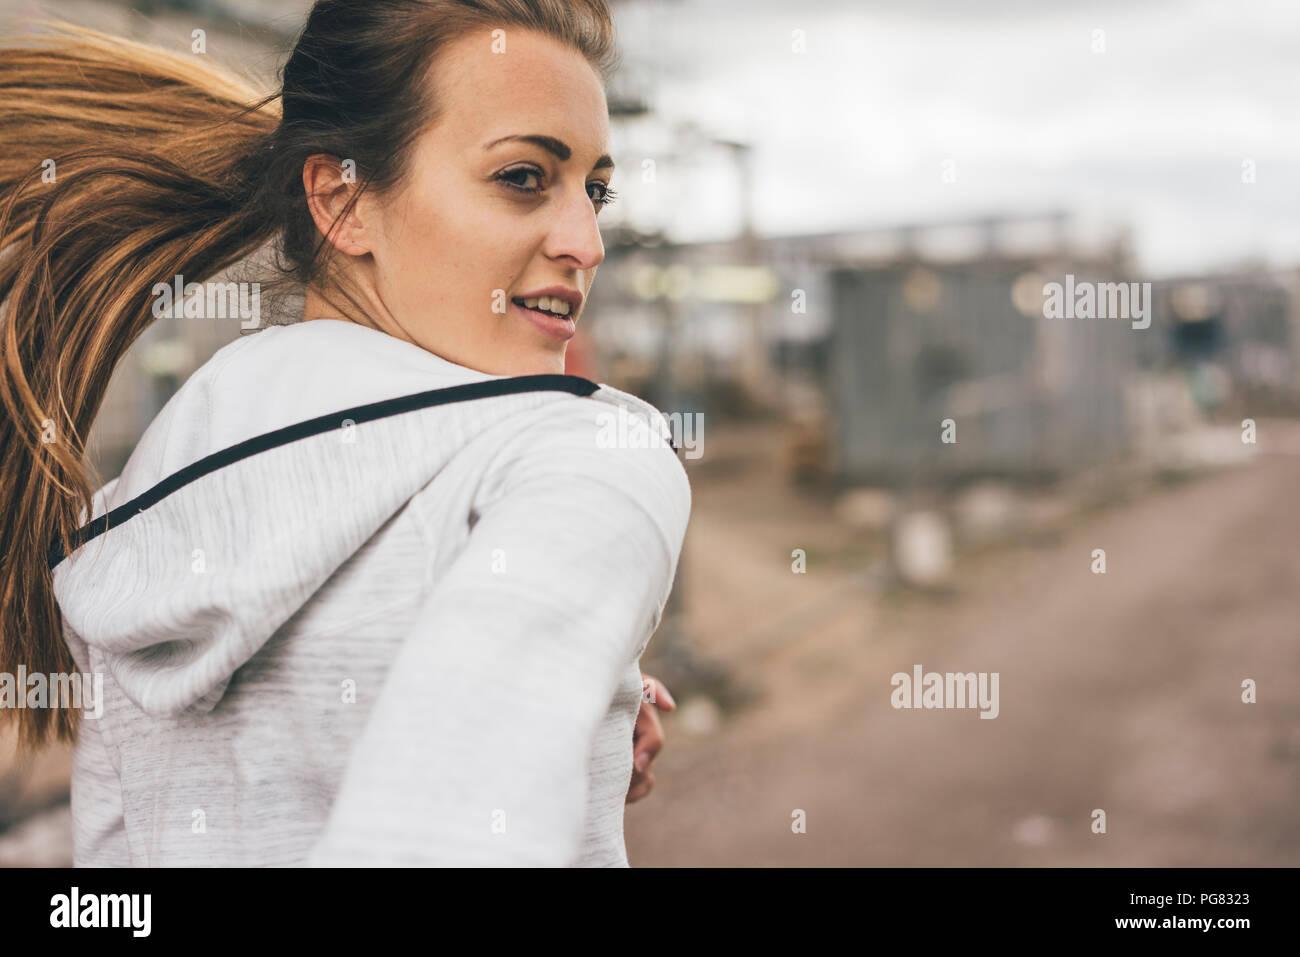 Sportliche junge Frau läuft im Freien Stockbild